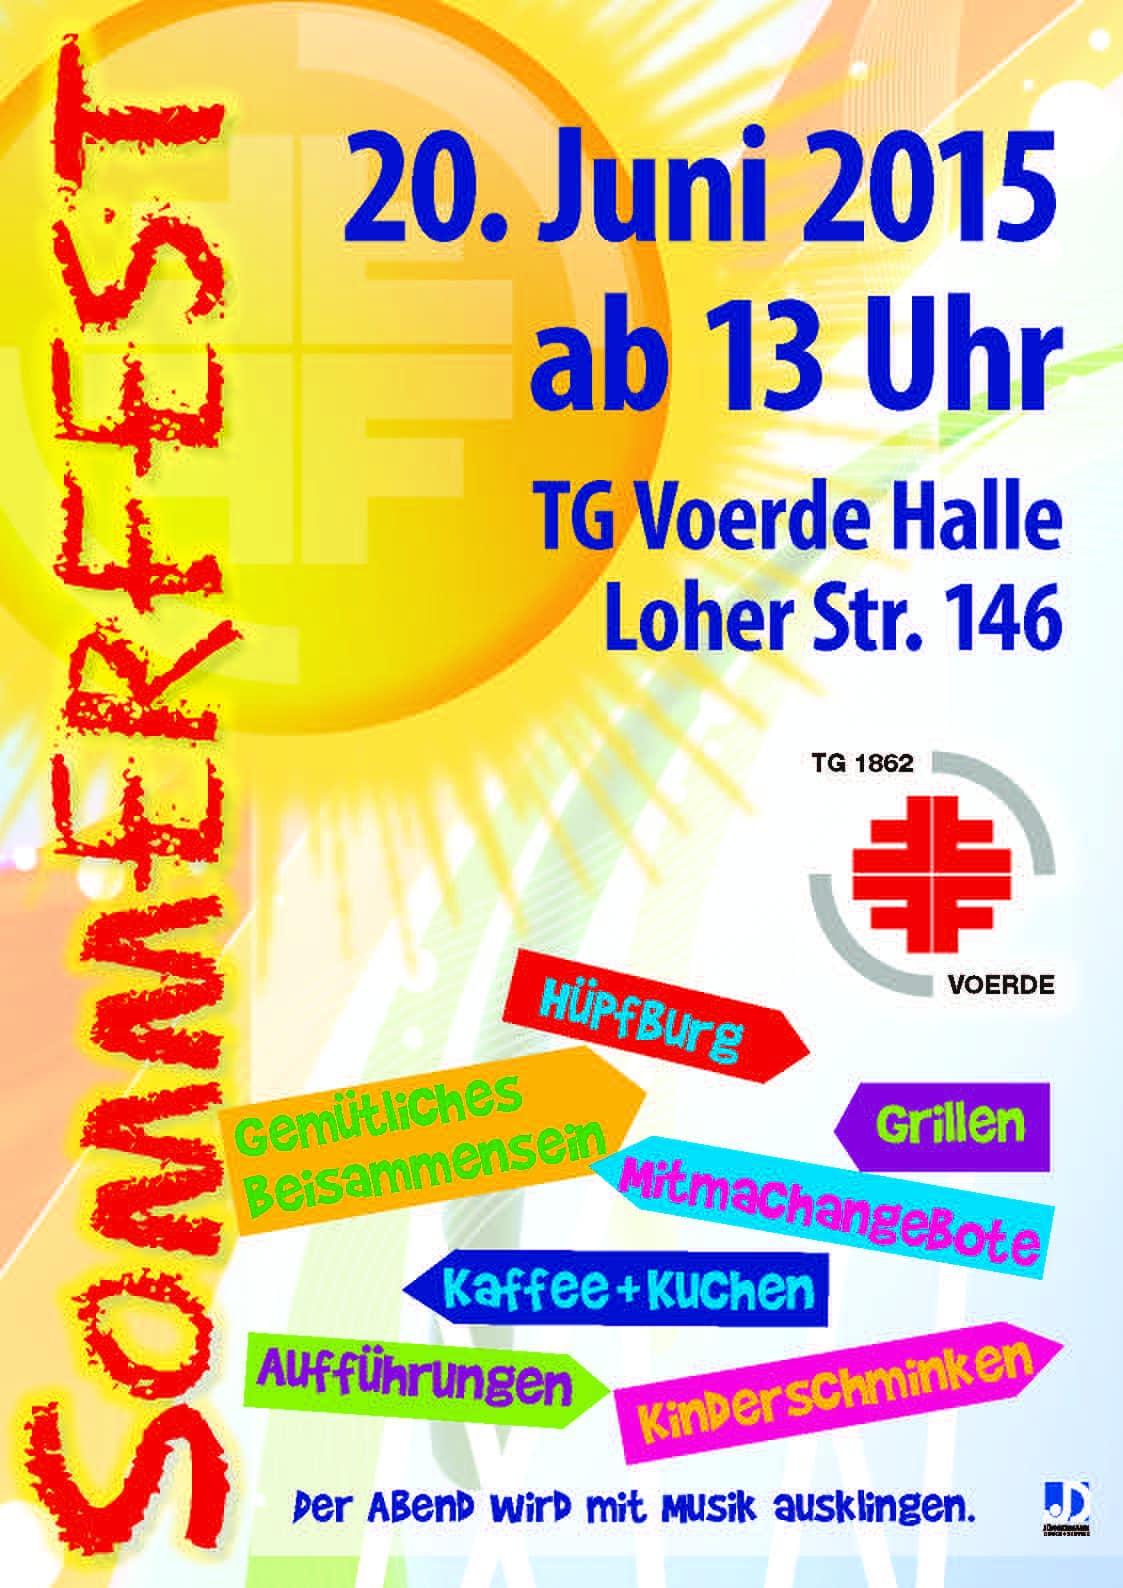 TGvoerde_Sommerfest2015_A3_Entwurf